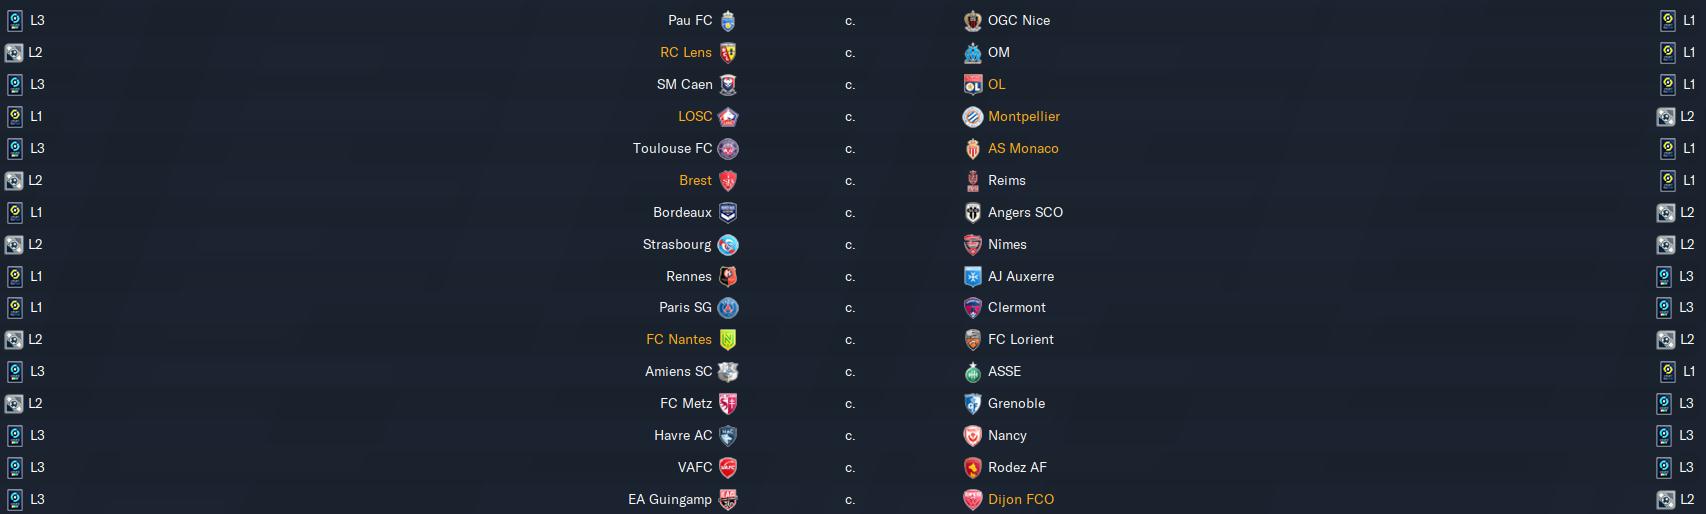 2ème tour de Coupe de France avant dimanche 3 12h Footb618